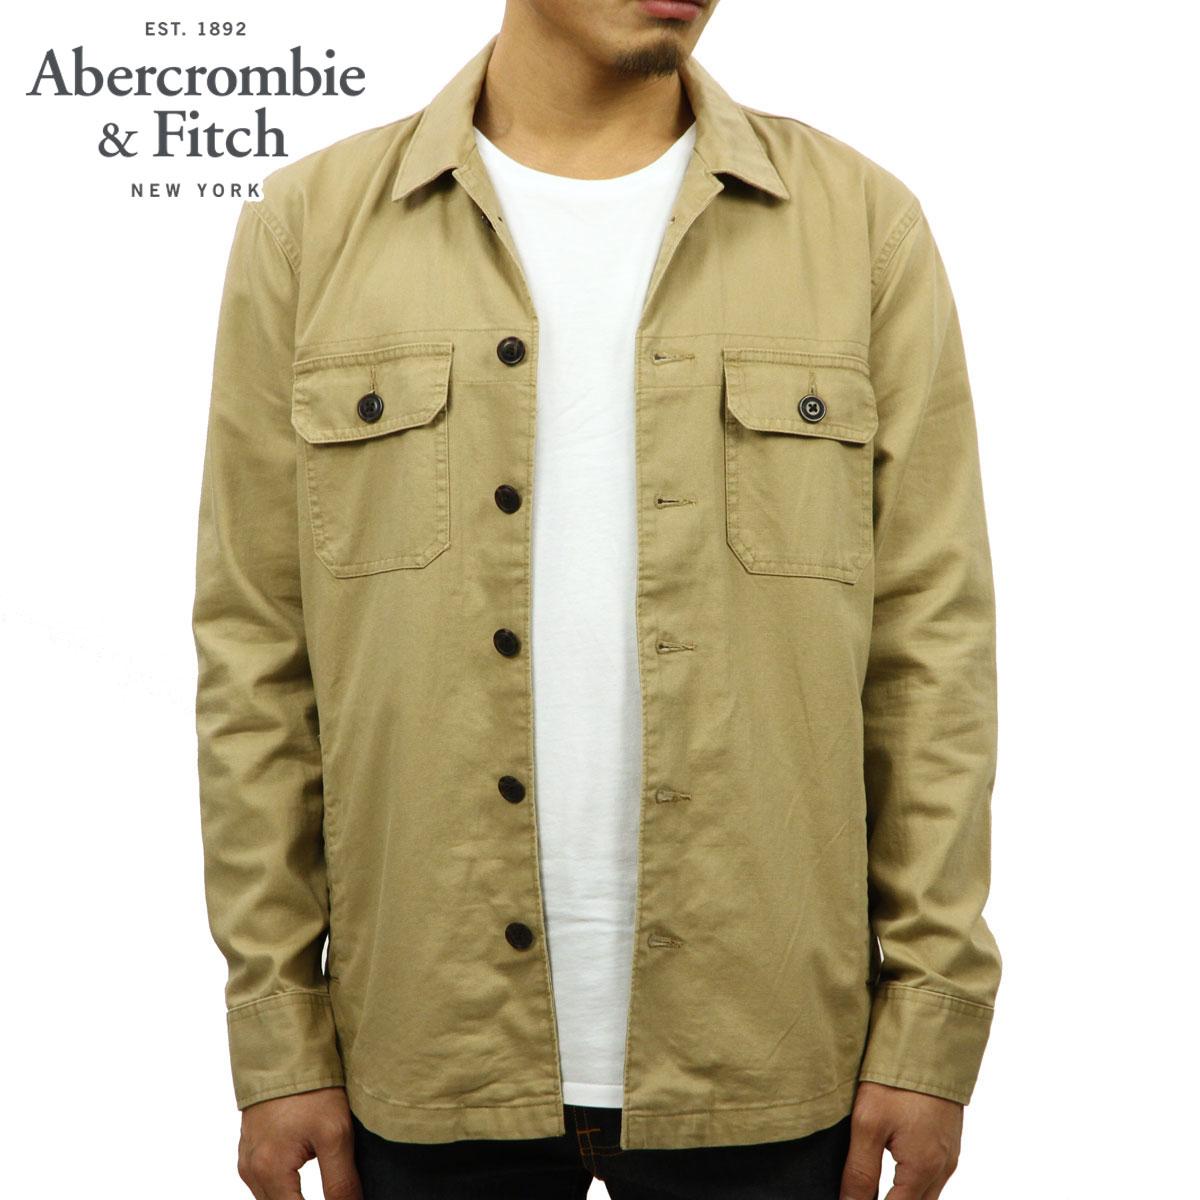 アバクロ Abercrombie&Fitch 正規品 メンズ アウター シャツジャケット MILITARY SHIRT JACKET 125-168-2951-400